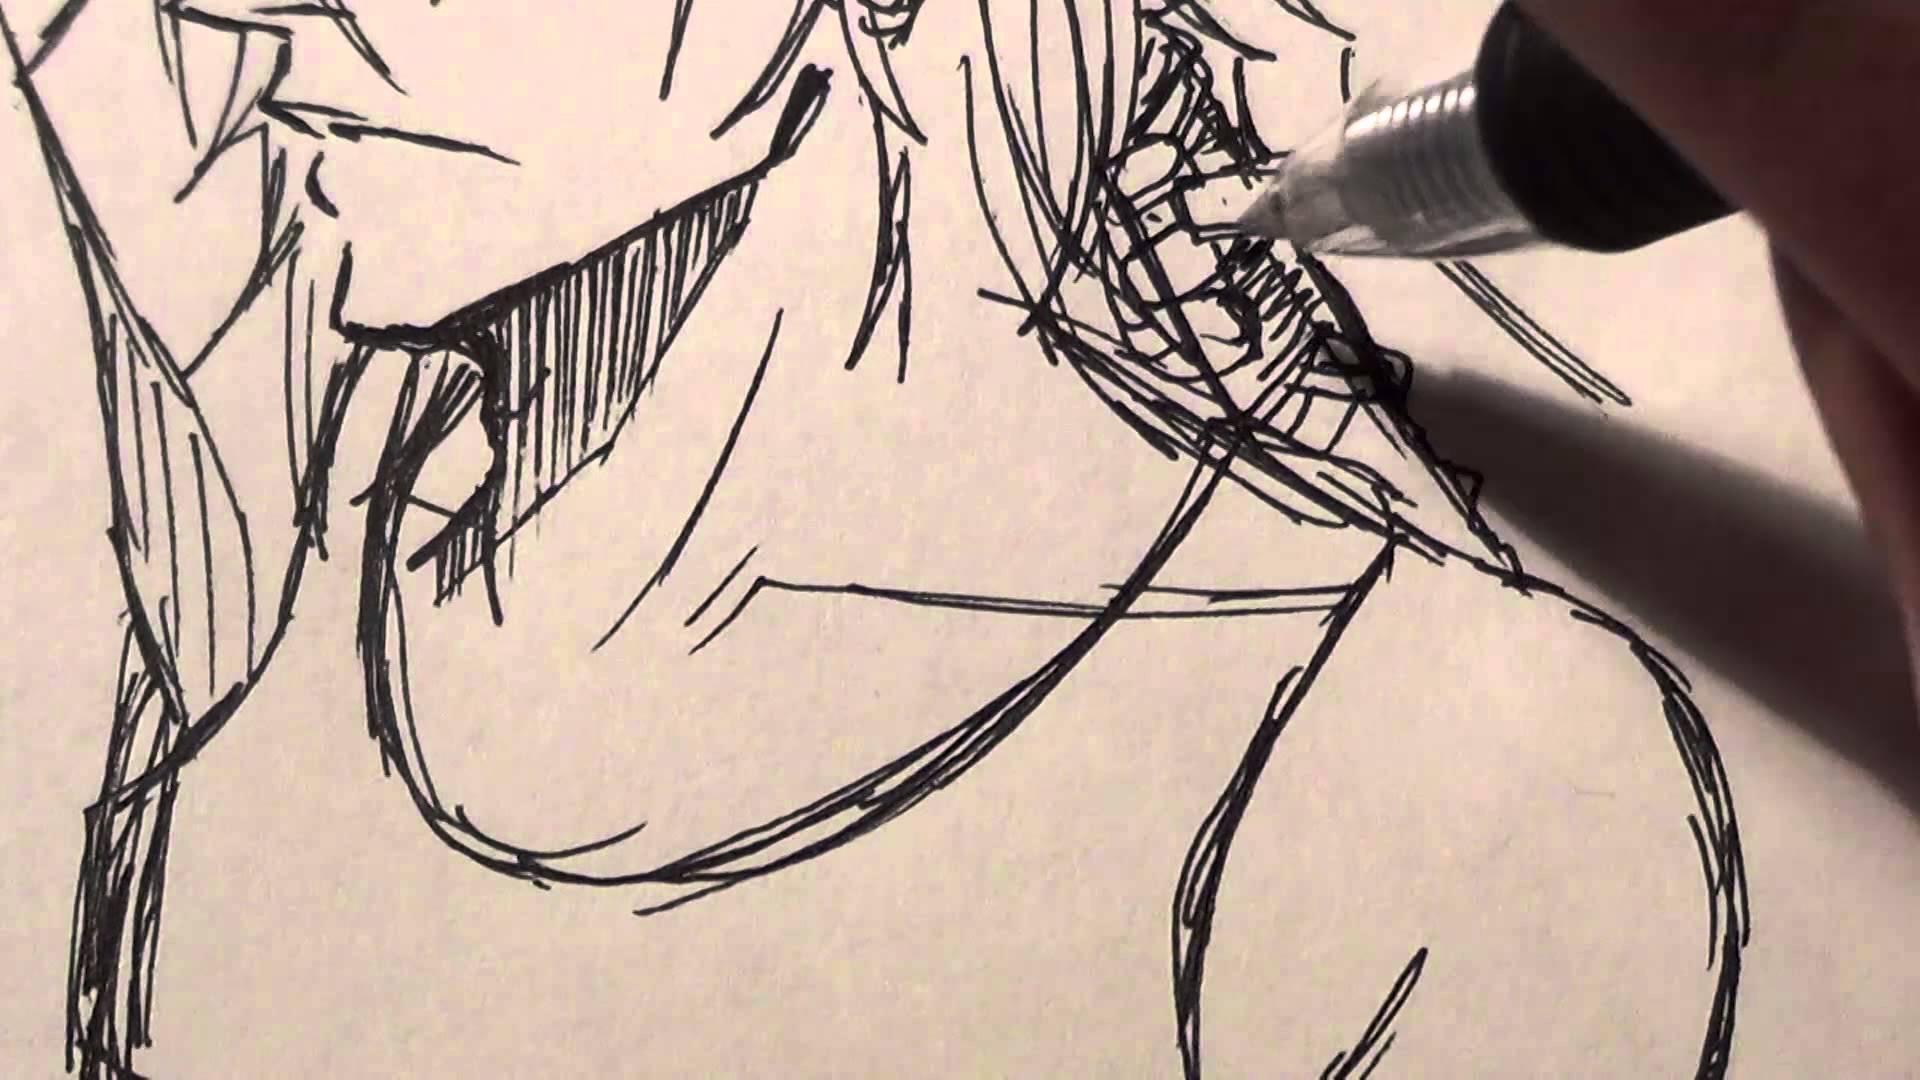 Drawn scythe epic No Seimei Pen no Timelapse